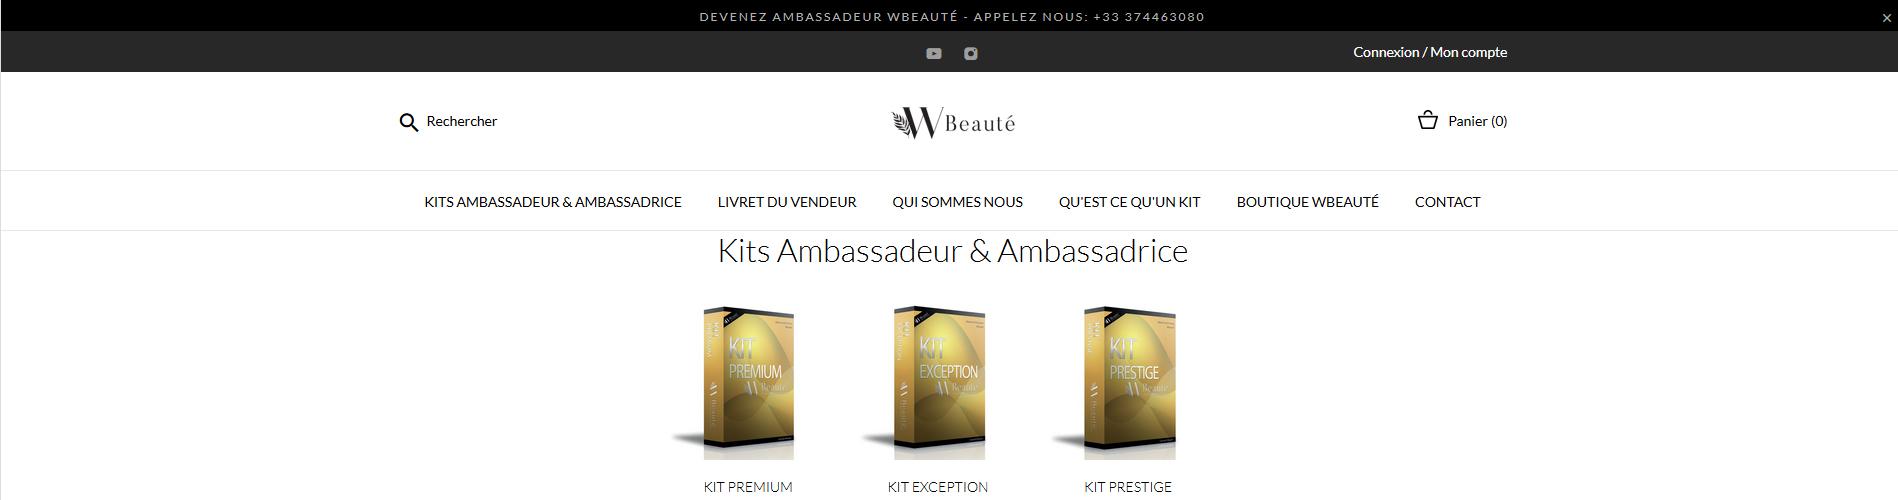 Ambassadeur Wbeauté